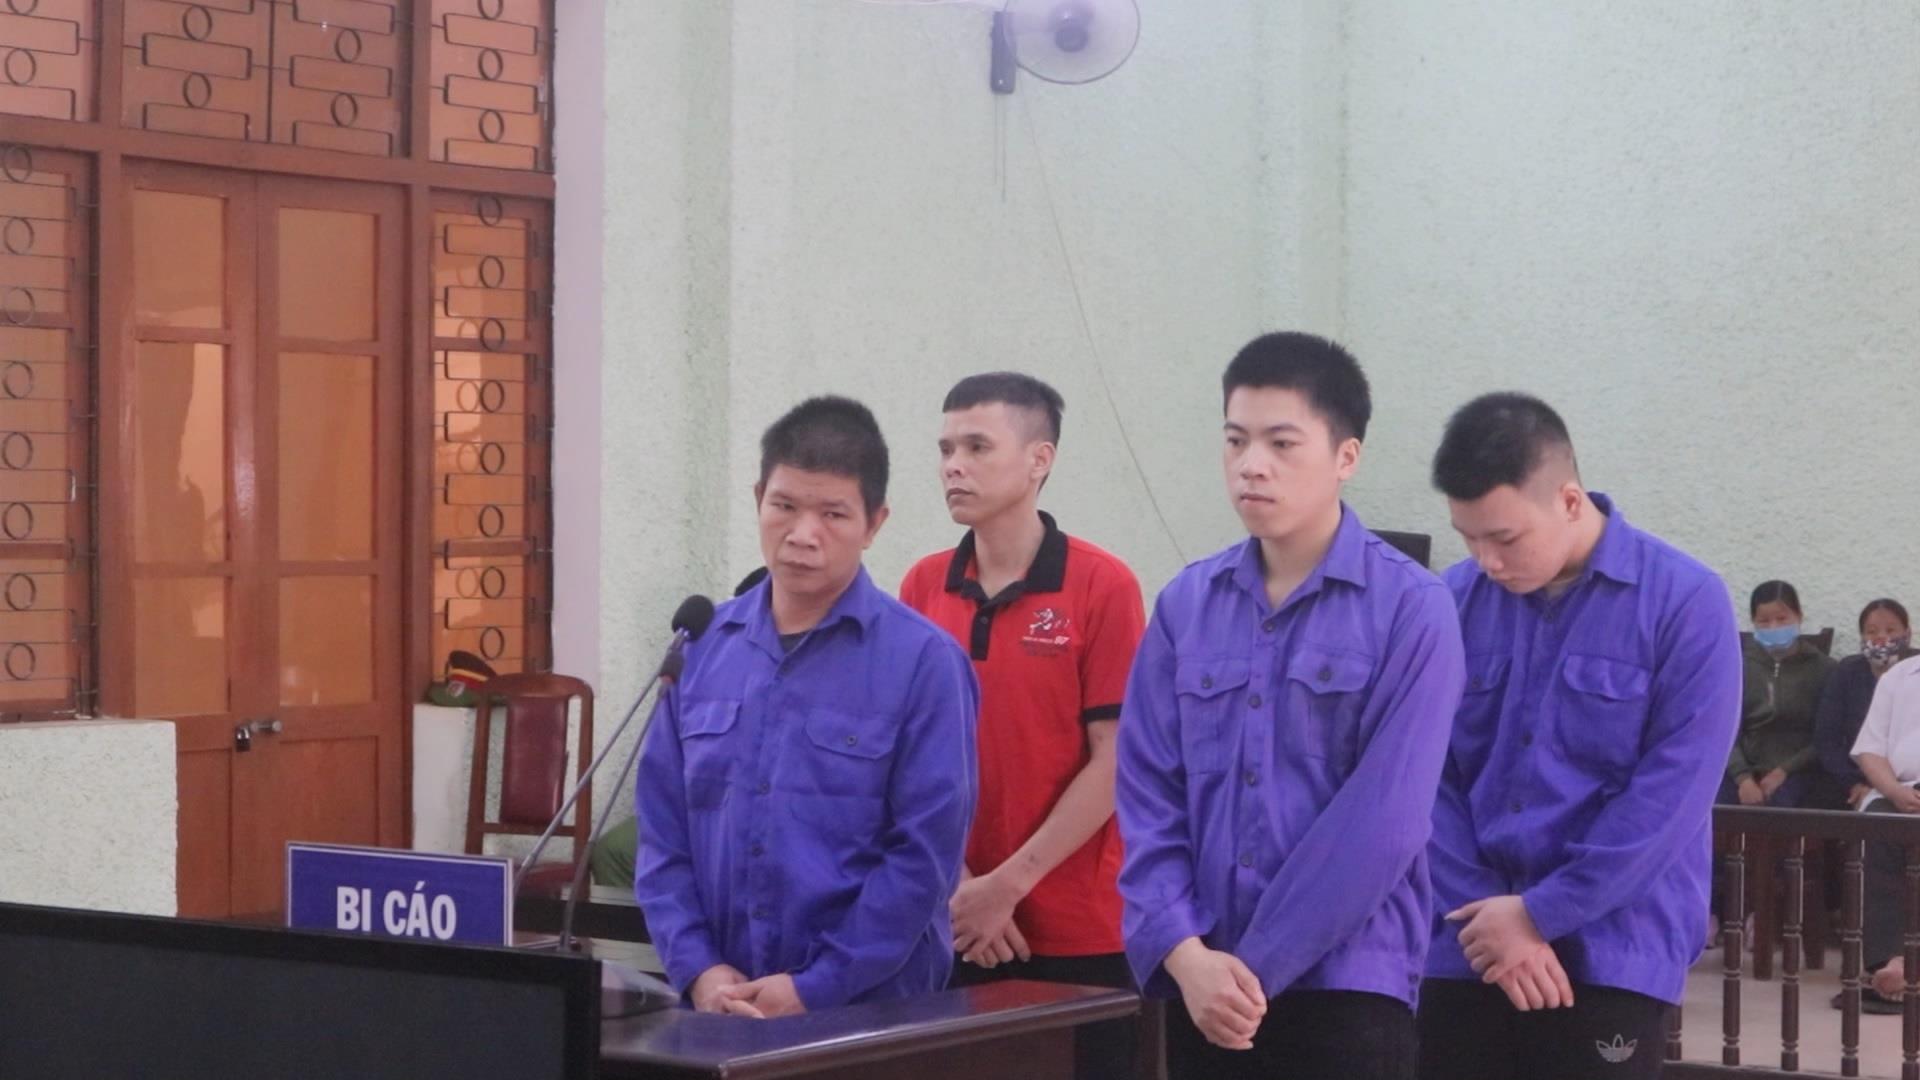 Nhóm đối tượng tổ chức cho người khác nhập cảnh trái phép lĩnh 27 năm tù giam